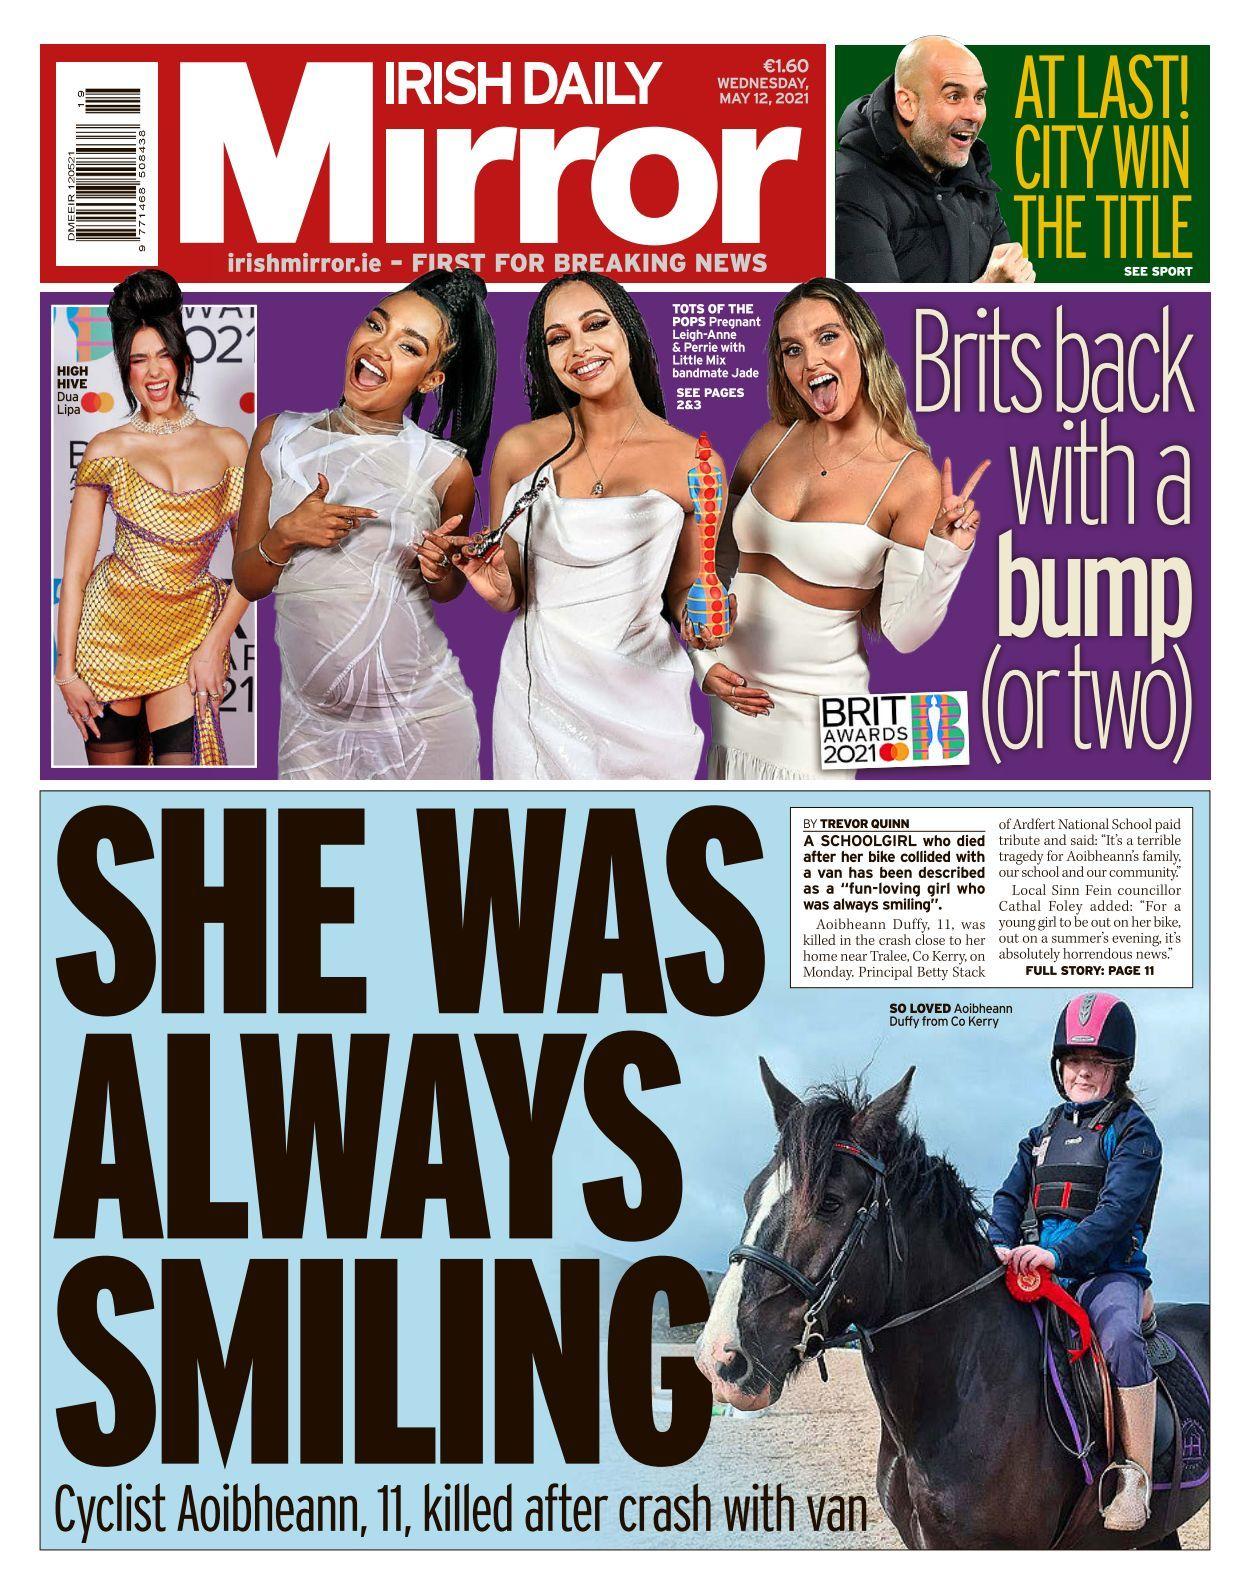 11 Irish Daily Mirror   10 10 10